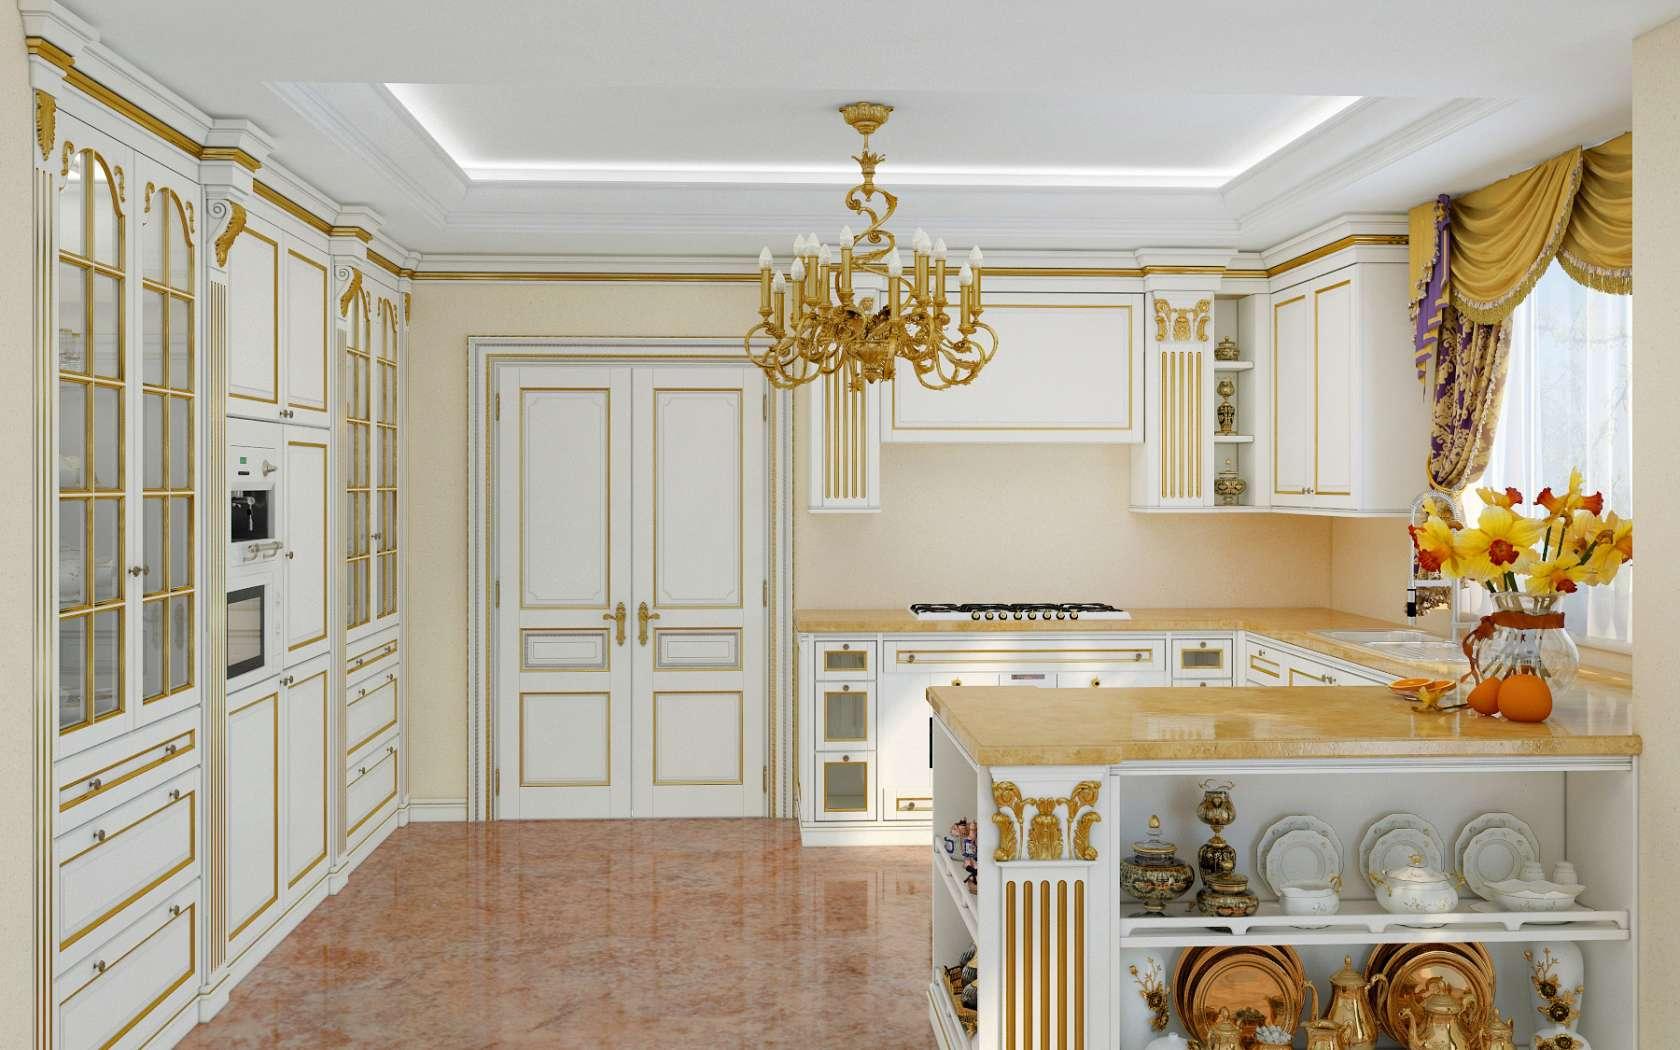 Cucina di lusso modello legacy vimercati meda - Cucina di lusso ...